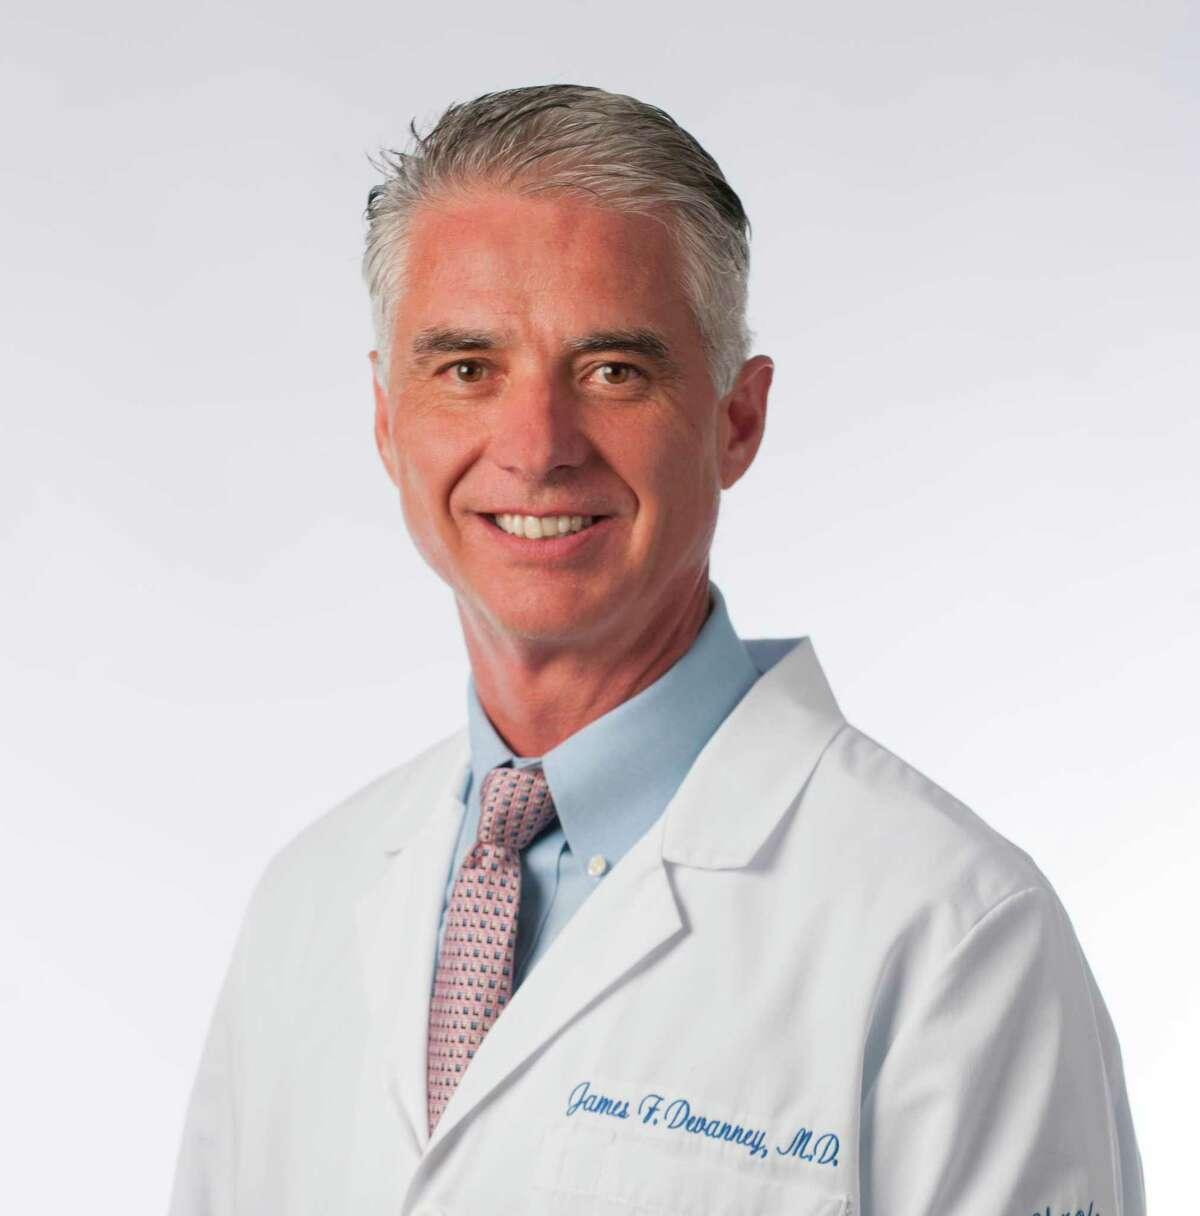 Dr. James Devanney